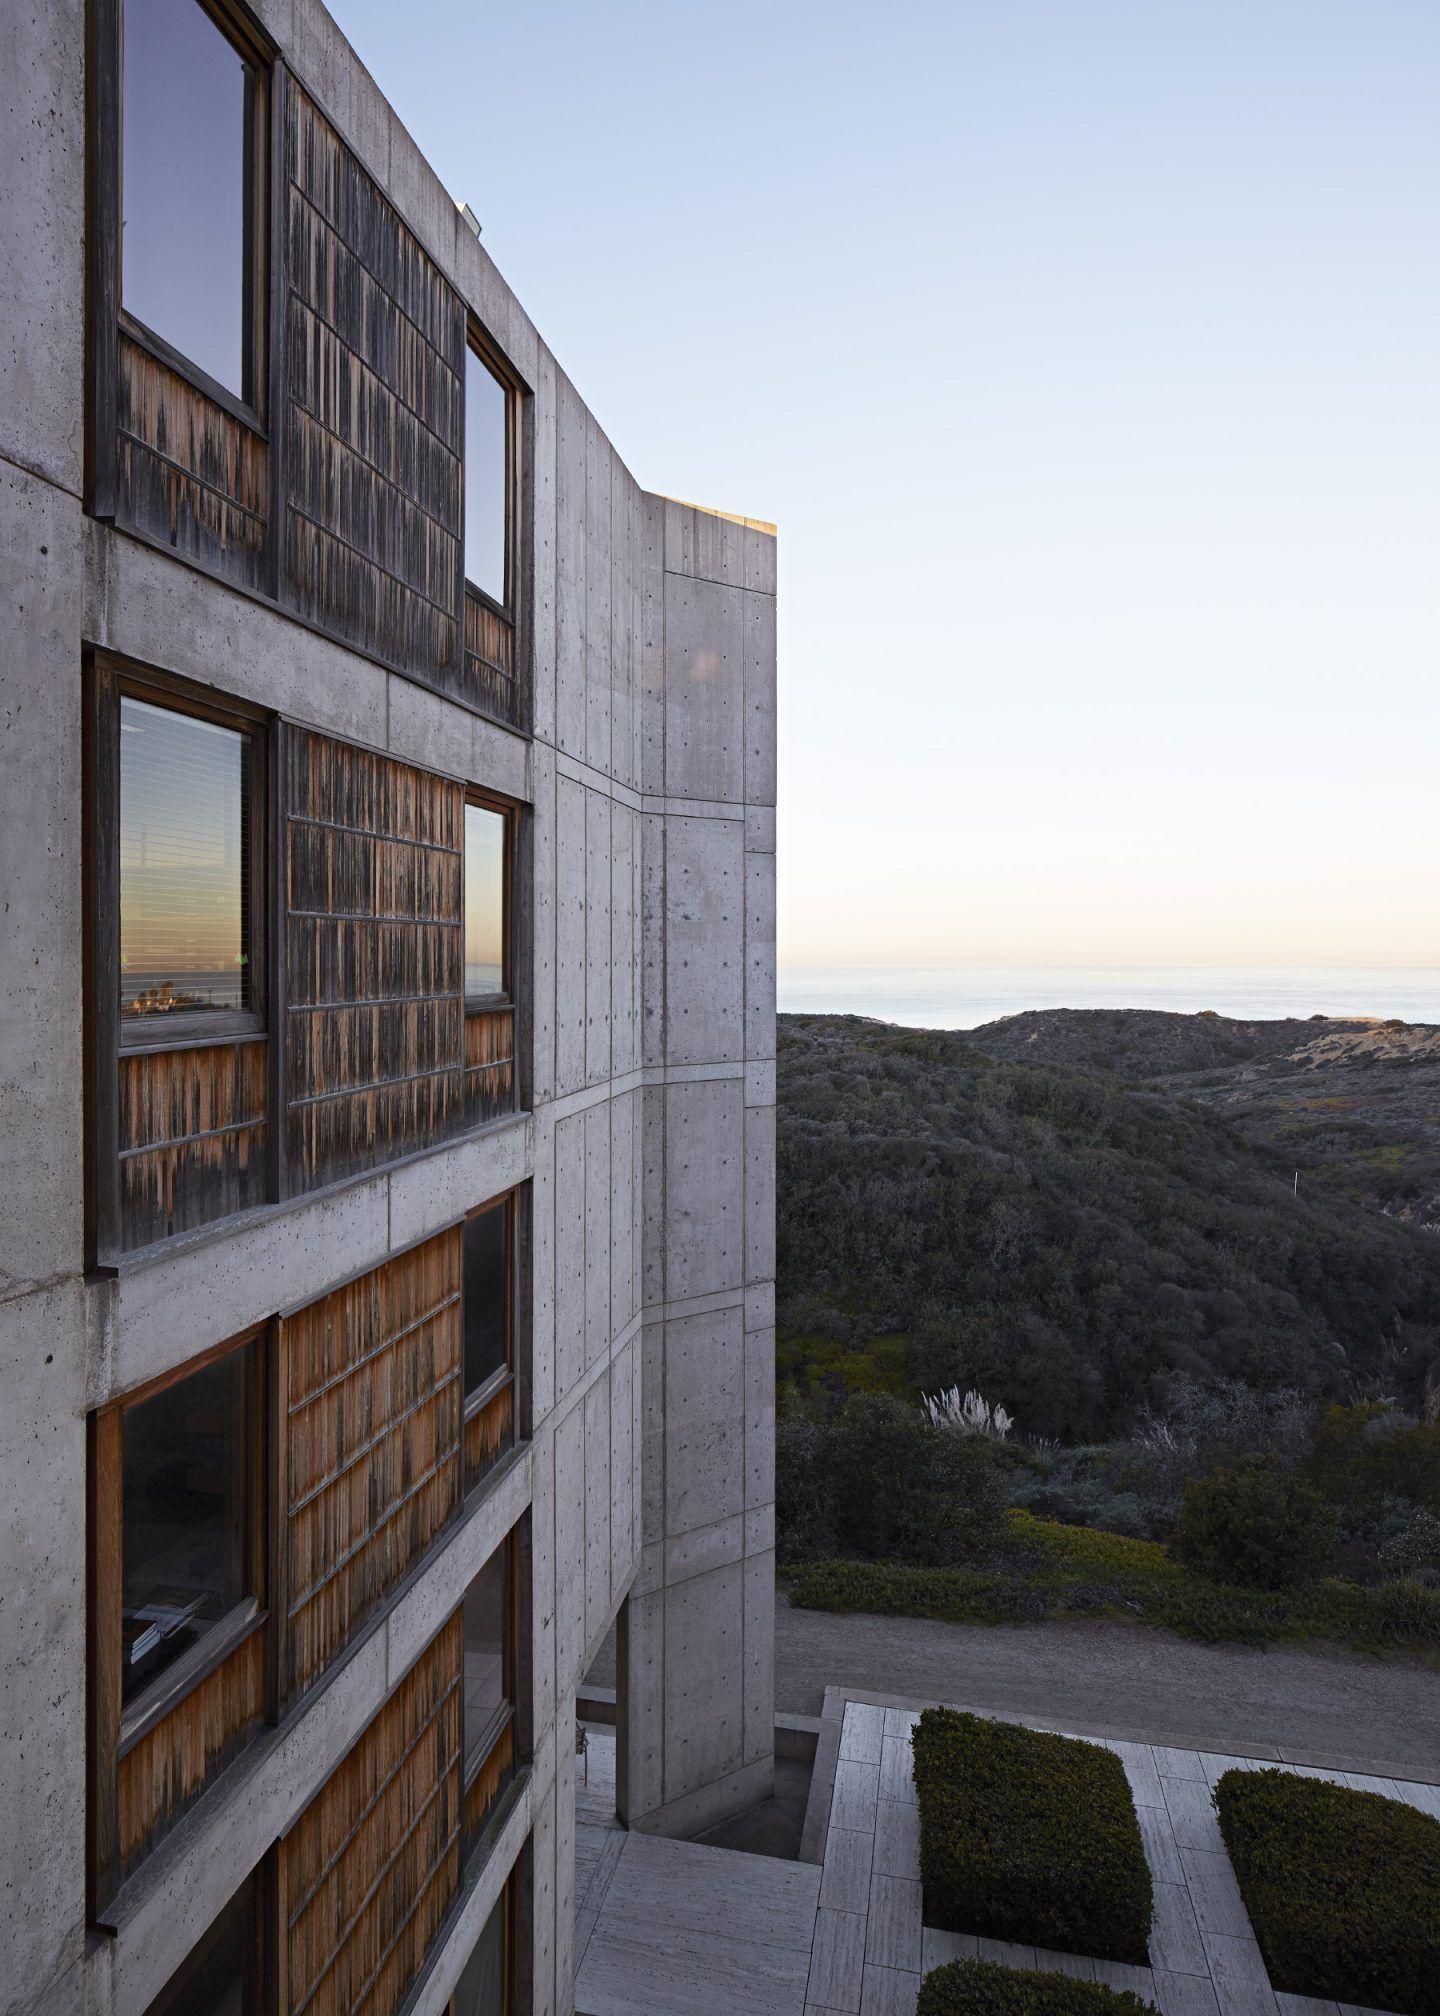 IGNANT-Architecture-Salk-Institute-Nils-Koenning-6